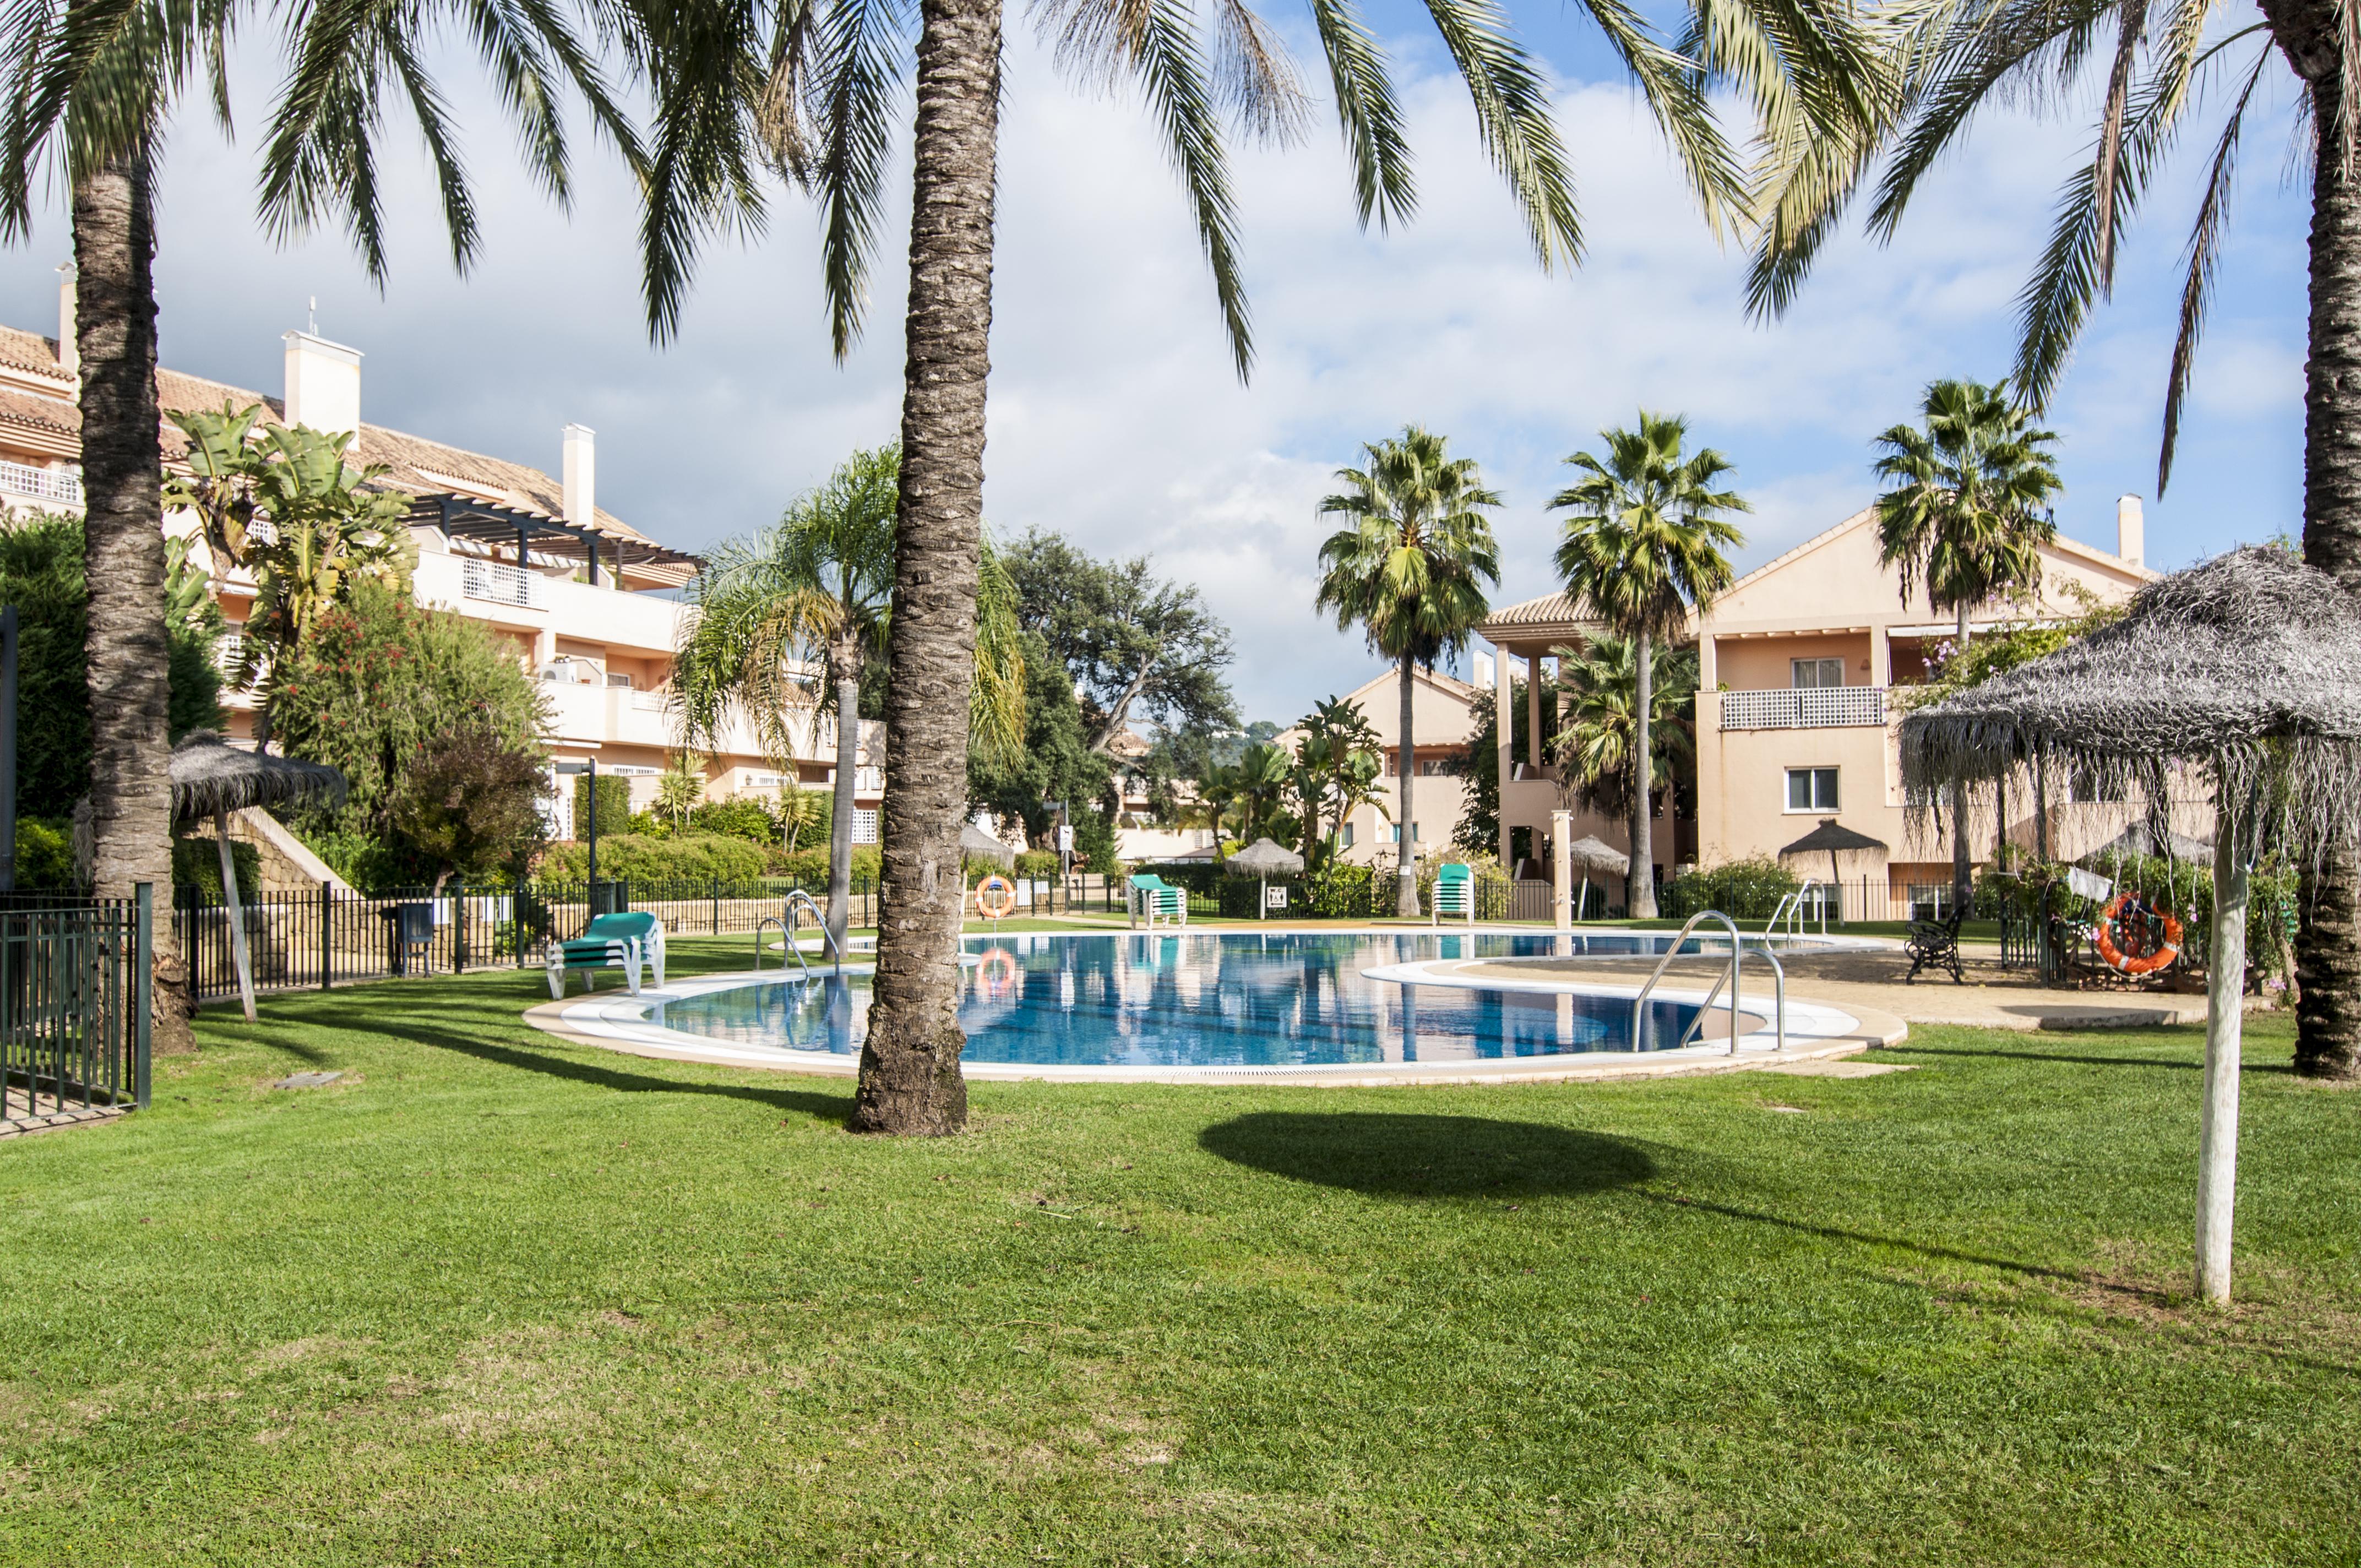 Ático en Marbella (Ático tipo dúplex en Marbella) - foto15